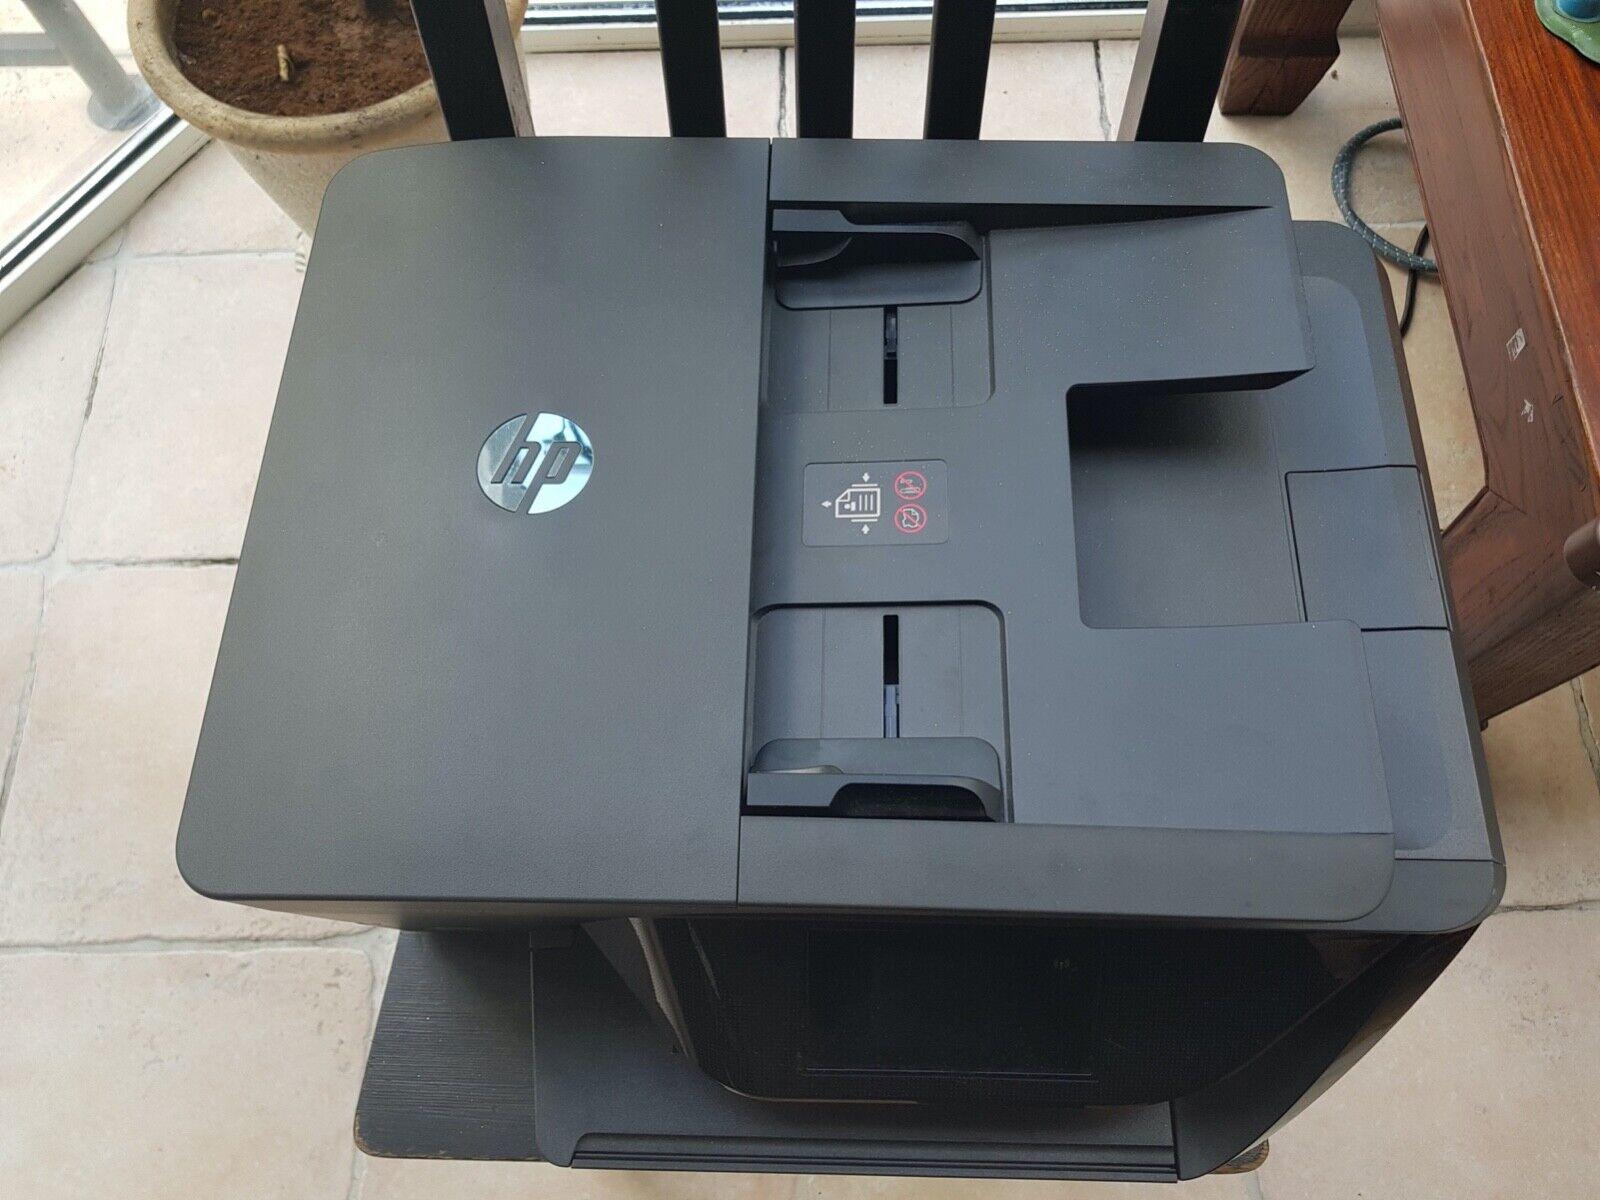 Imprimante hp officejet pro 6970 hs